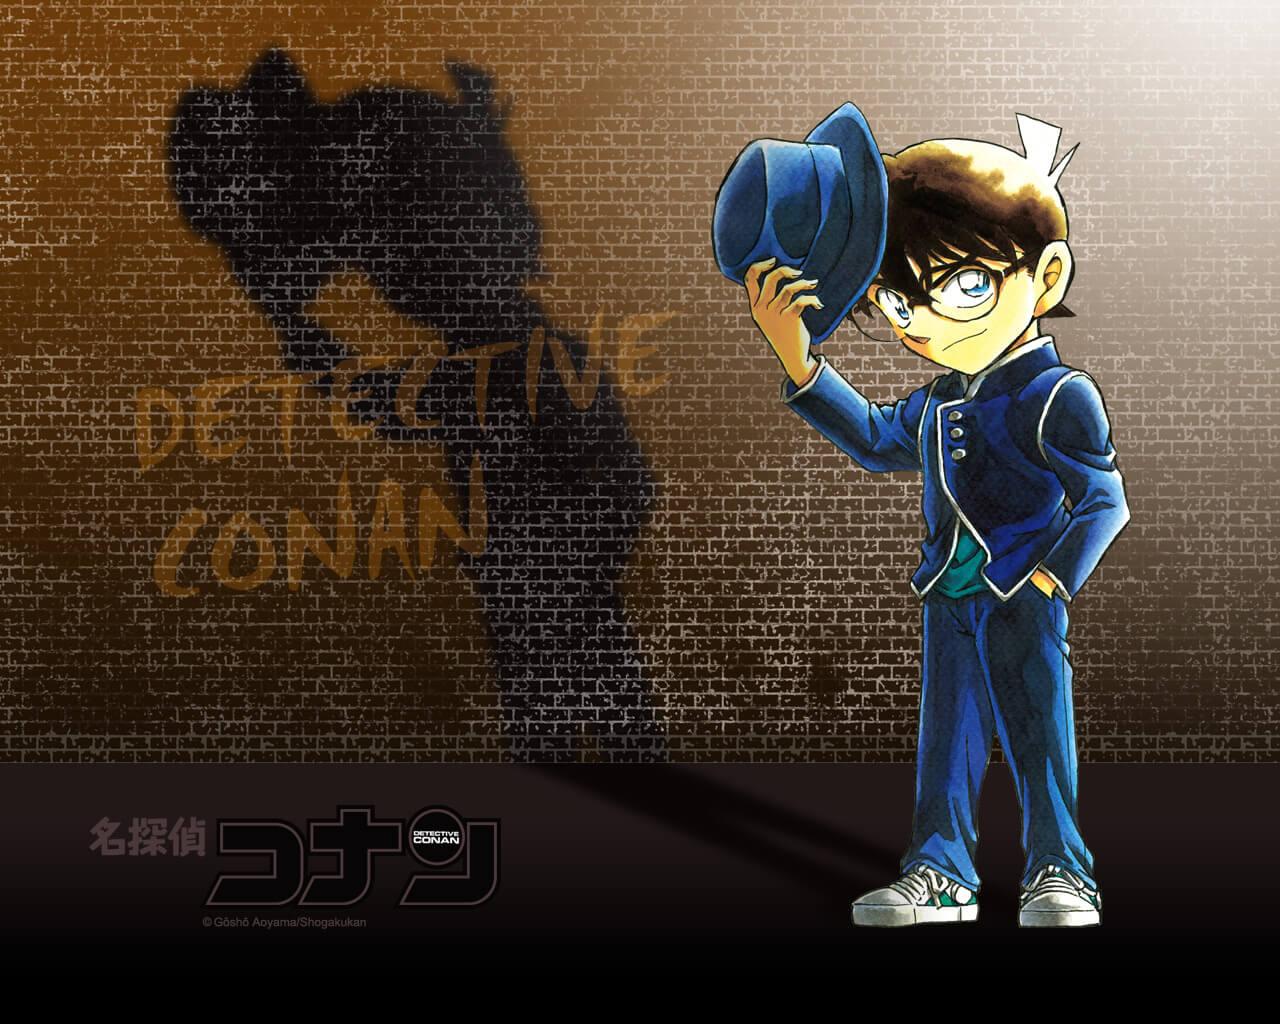 فيلم انمى Conan كونان السابع عشر BluRay مترجم أونلاين كامل تحميل و مشاهدة